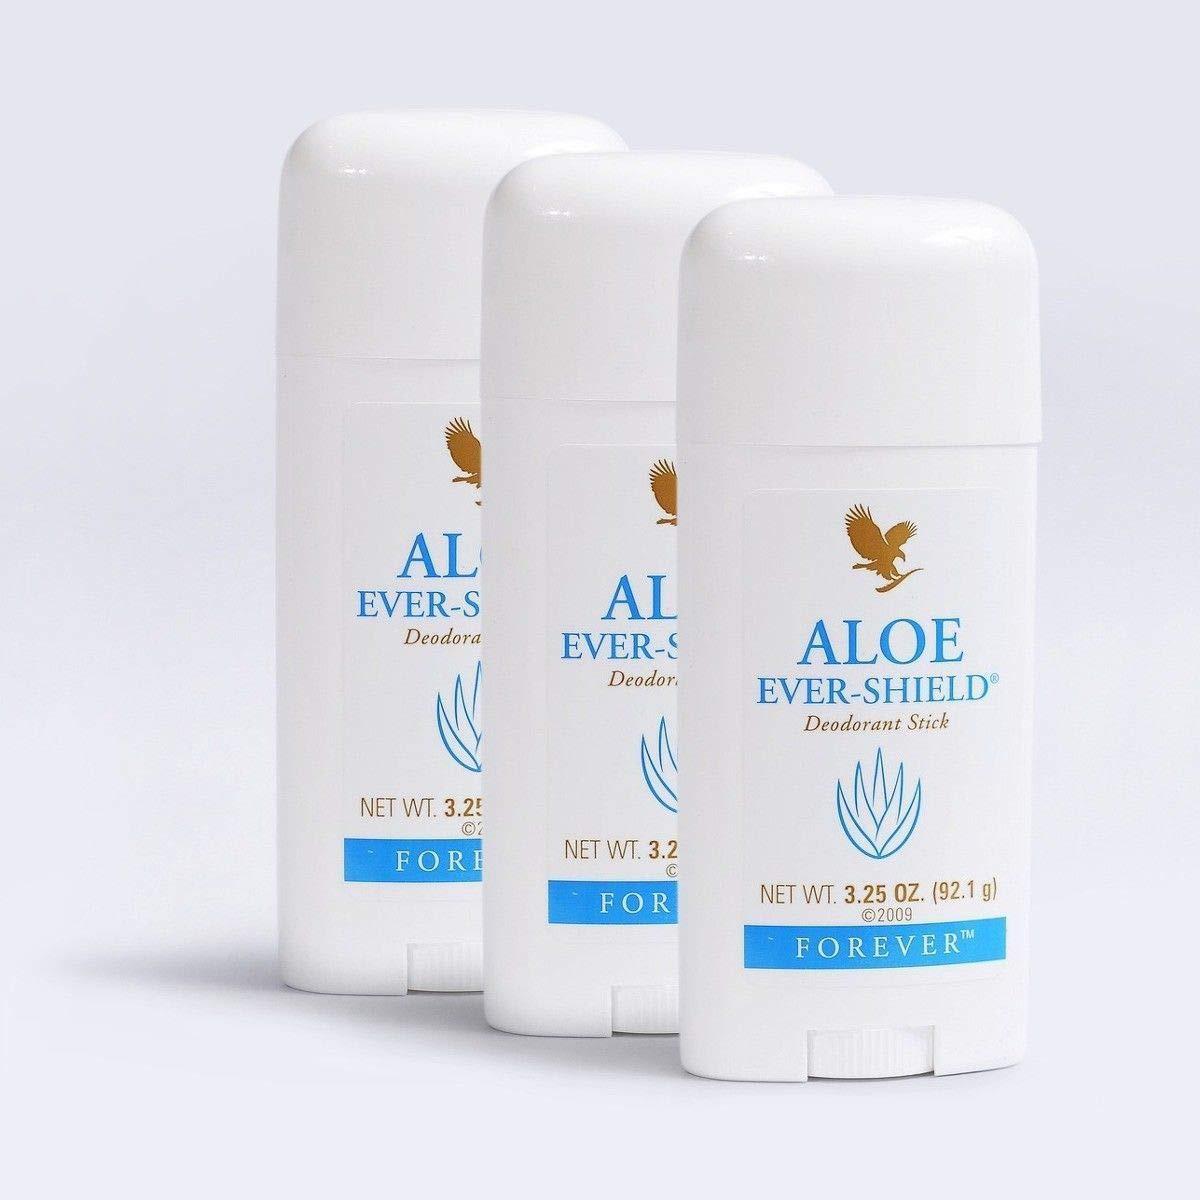 Forever Aloe Ever-Shield Deodorant Stick